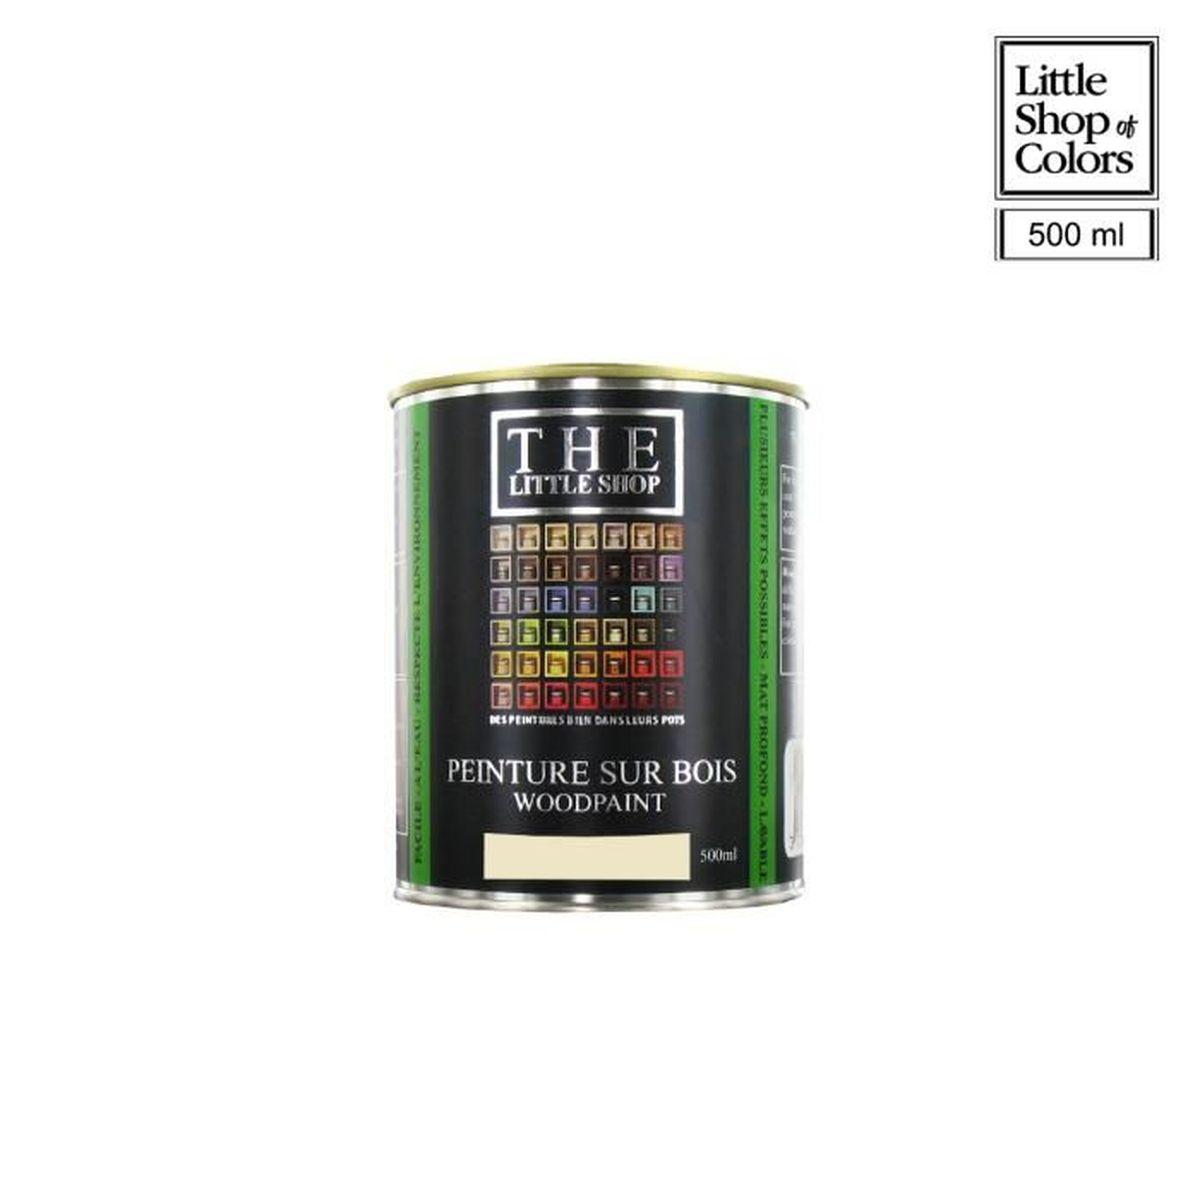 The Little Shop Peinture peinture sur bois little shop of colors blanc london fog 500ml